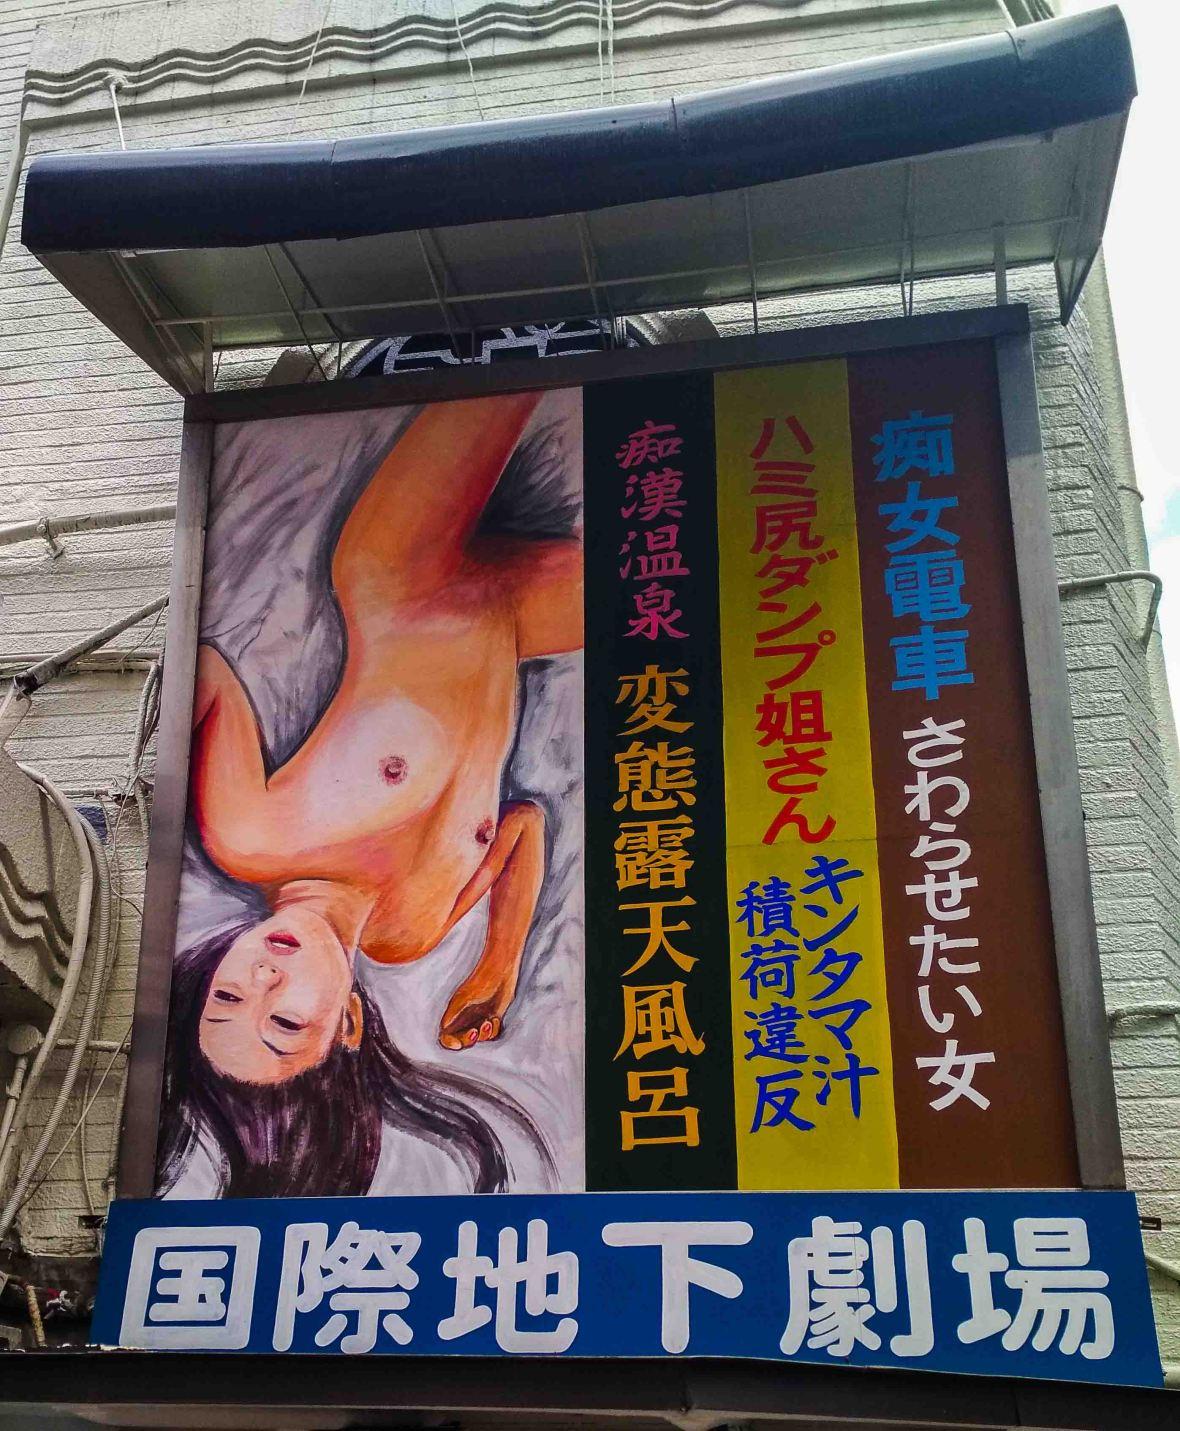 laurent ibanez derrierre la colline le cinema pour adulte du Shin sekai affiche 4